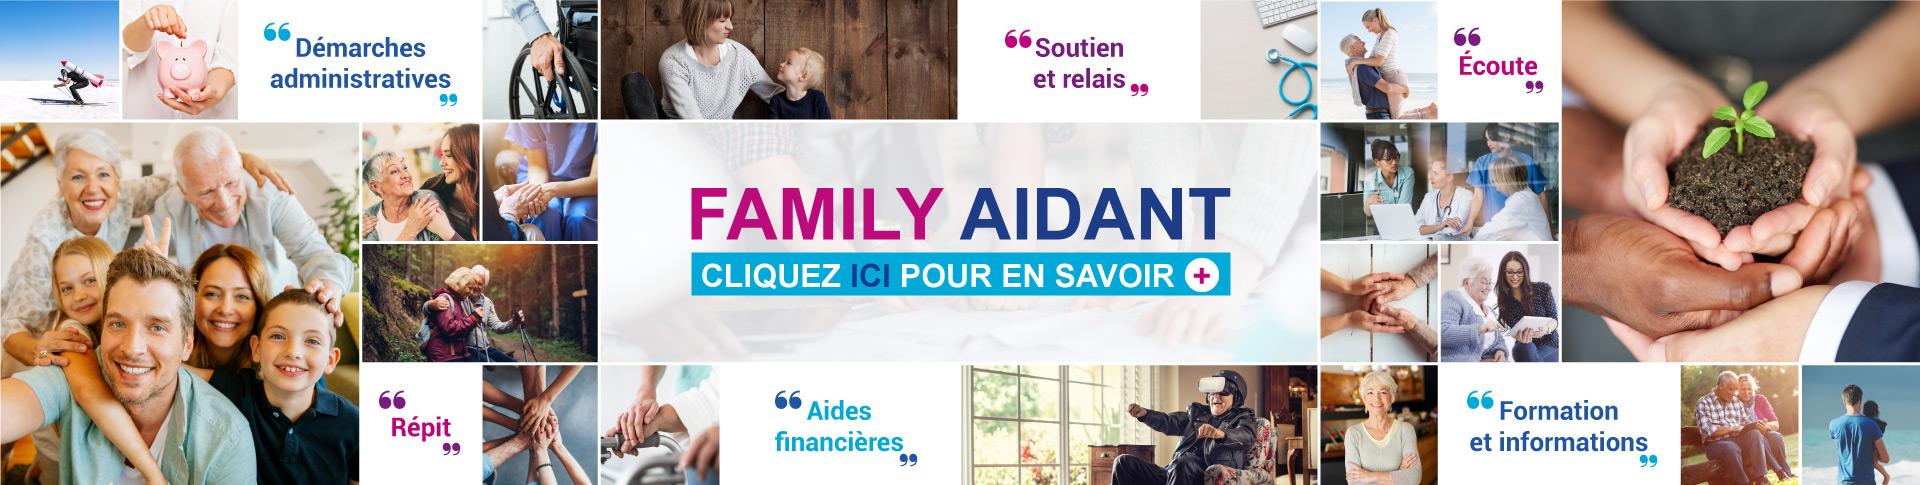 Family Aidant est le service d'aide aux aidants